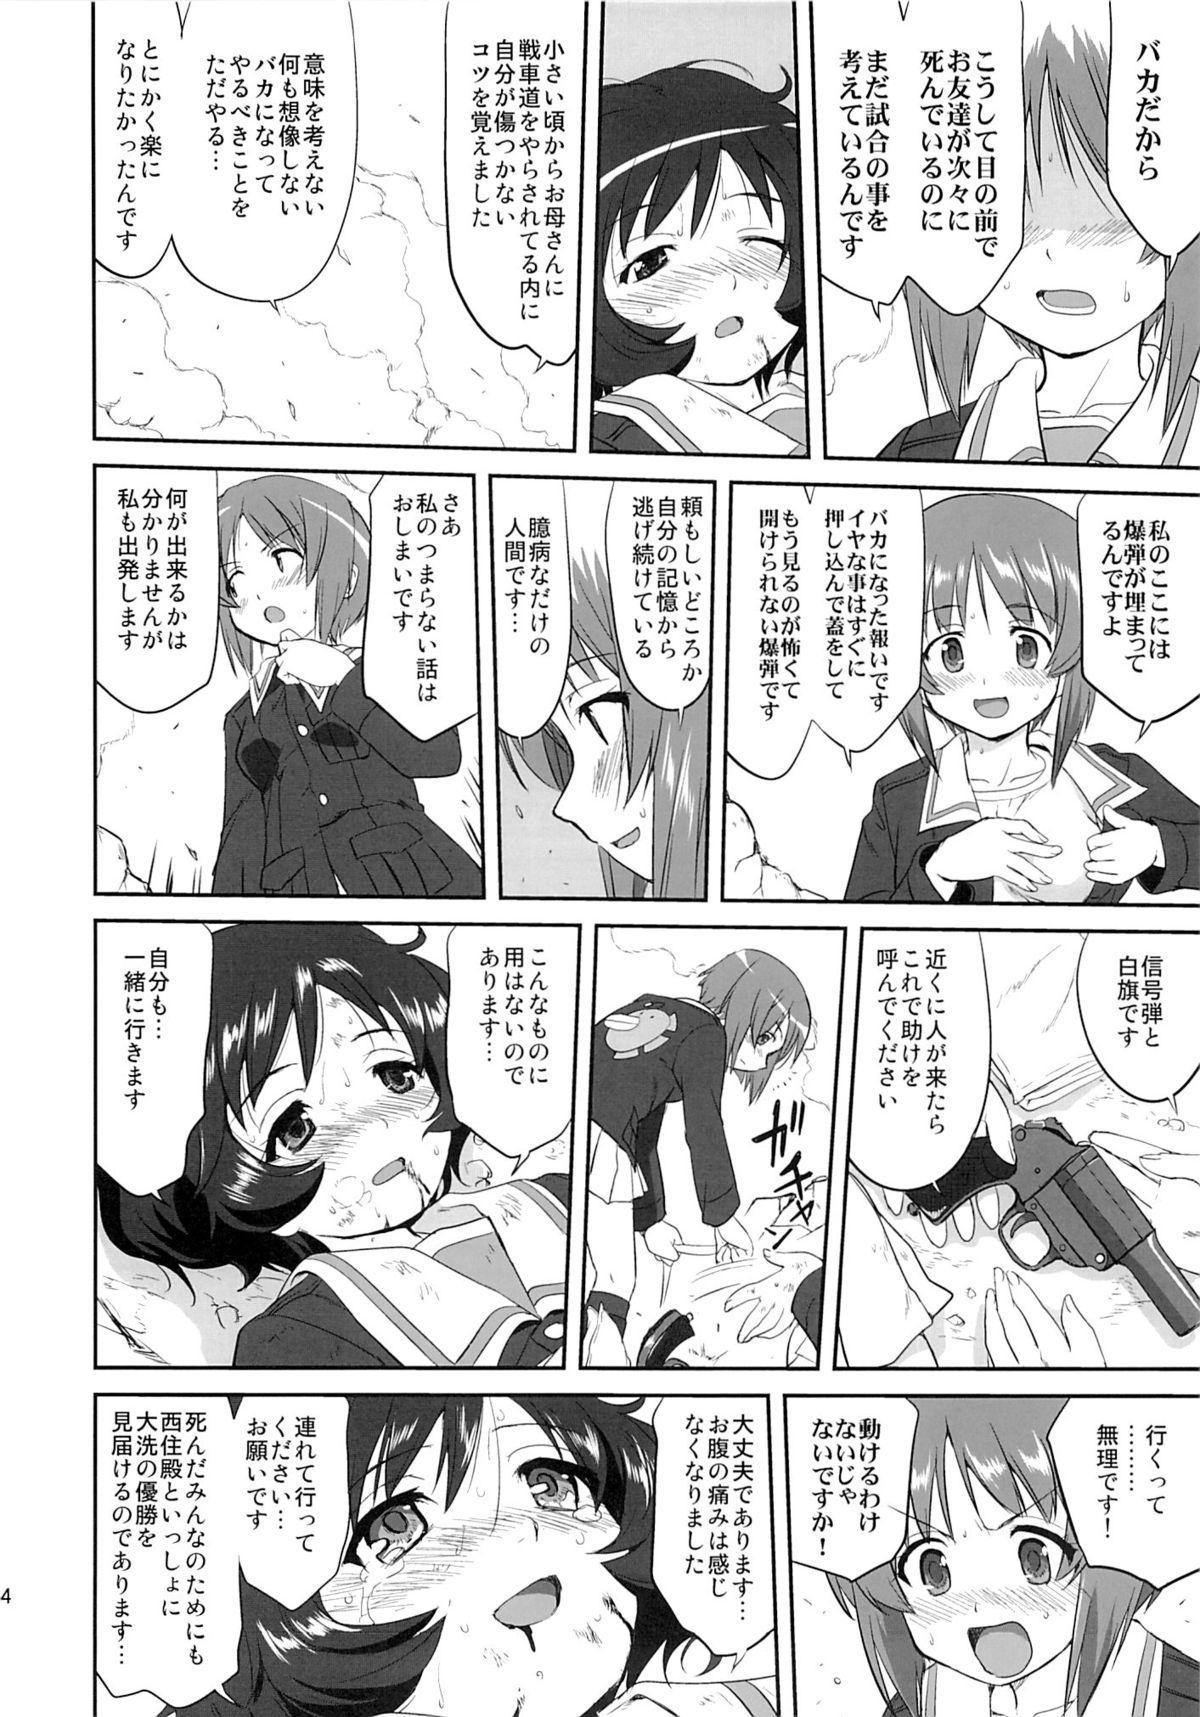 Yukiyukite Senshadou Kuromorimine no Tatakai 52